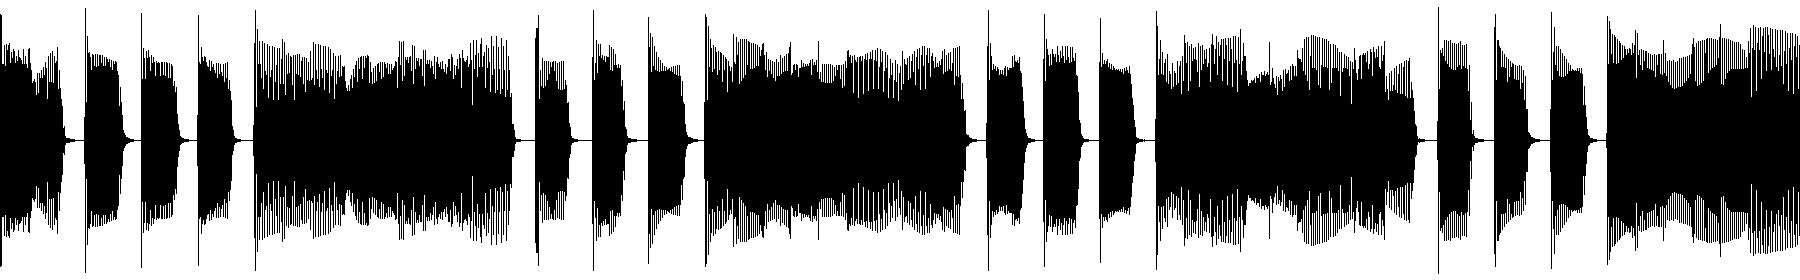 bass12 130